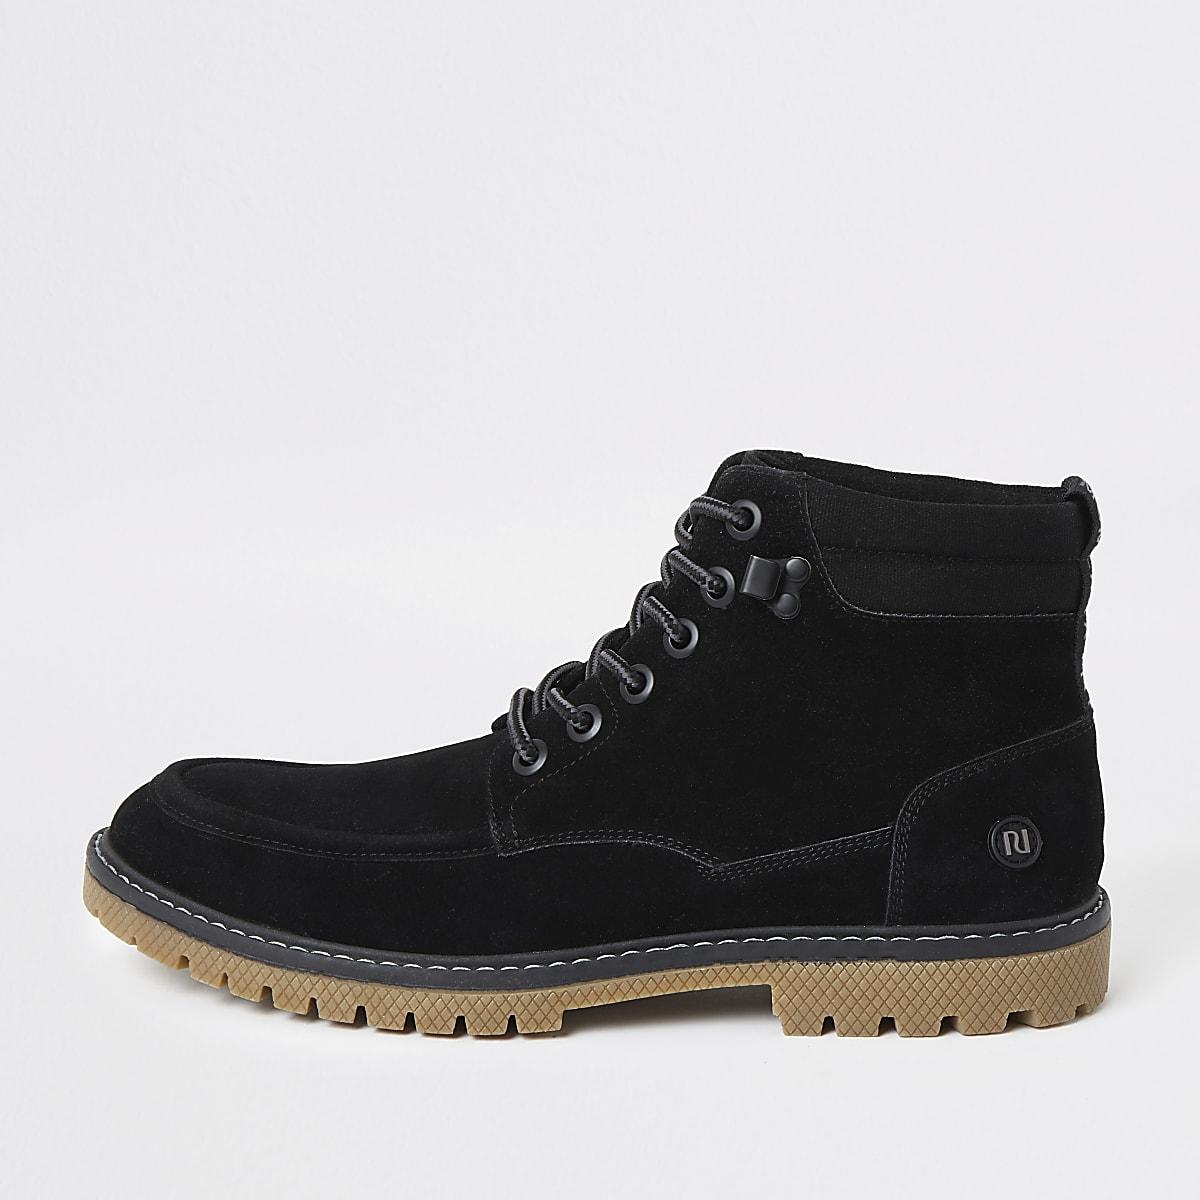 Black faux suede lace up boots